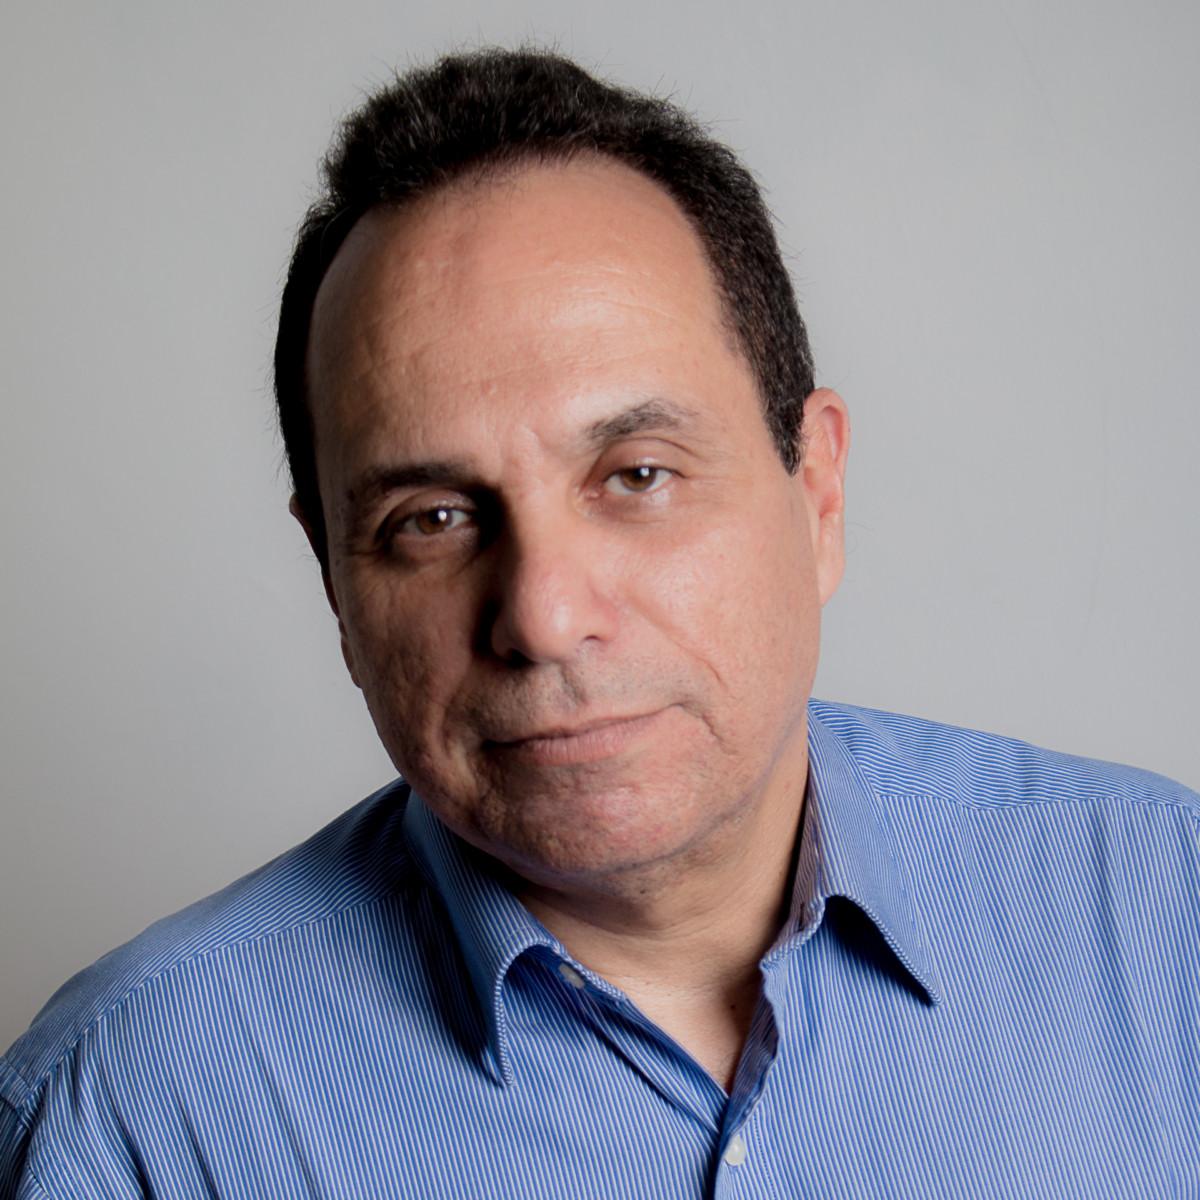 Nicolas Aldana